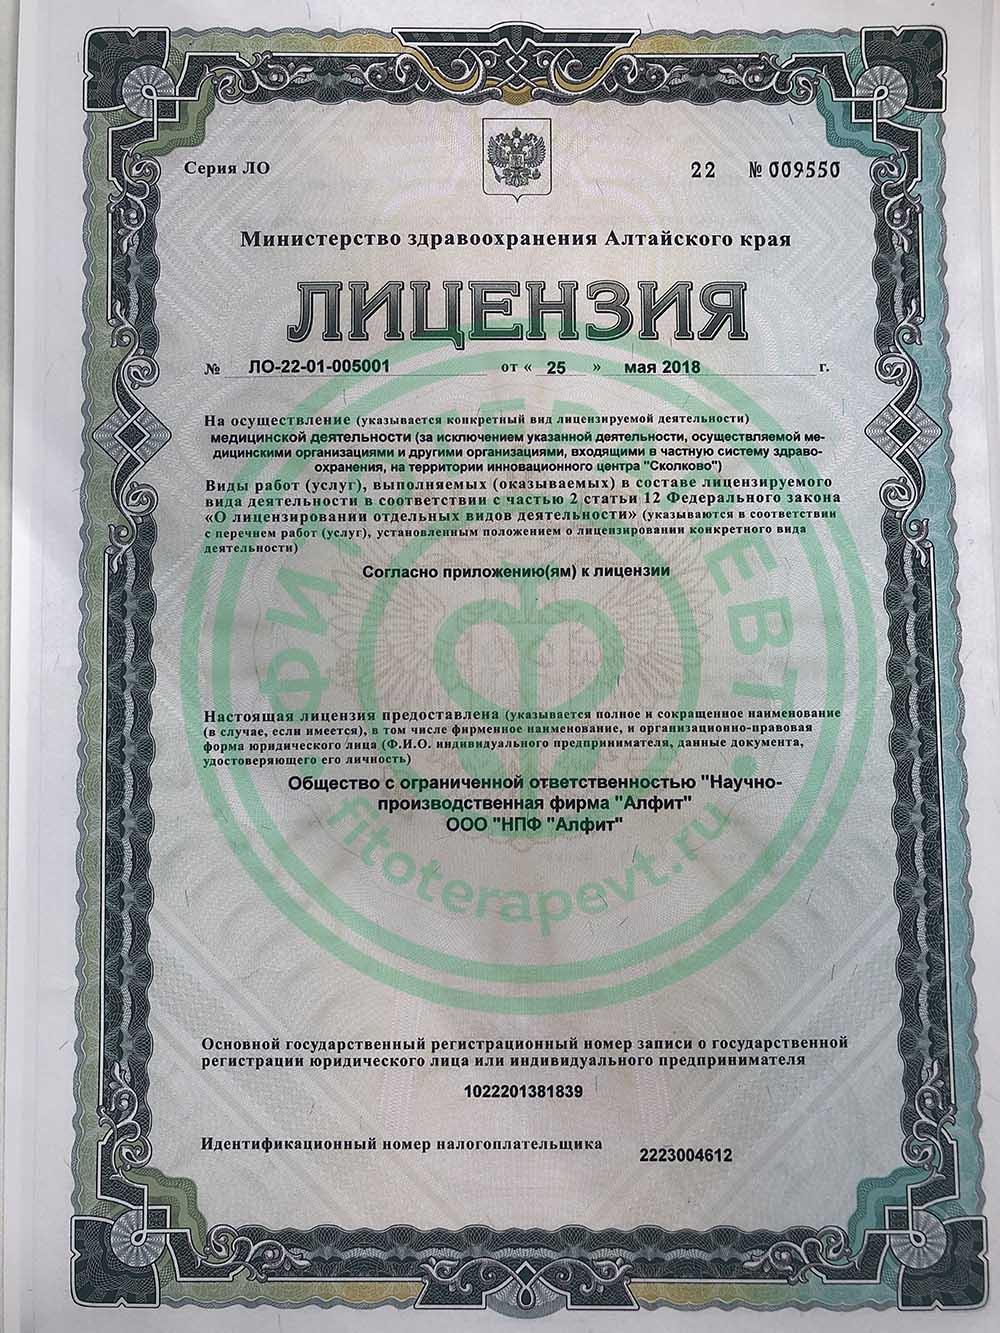 Алфит лицензия на медицинскую деятельность